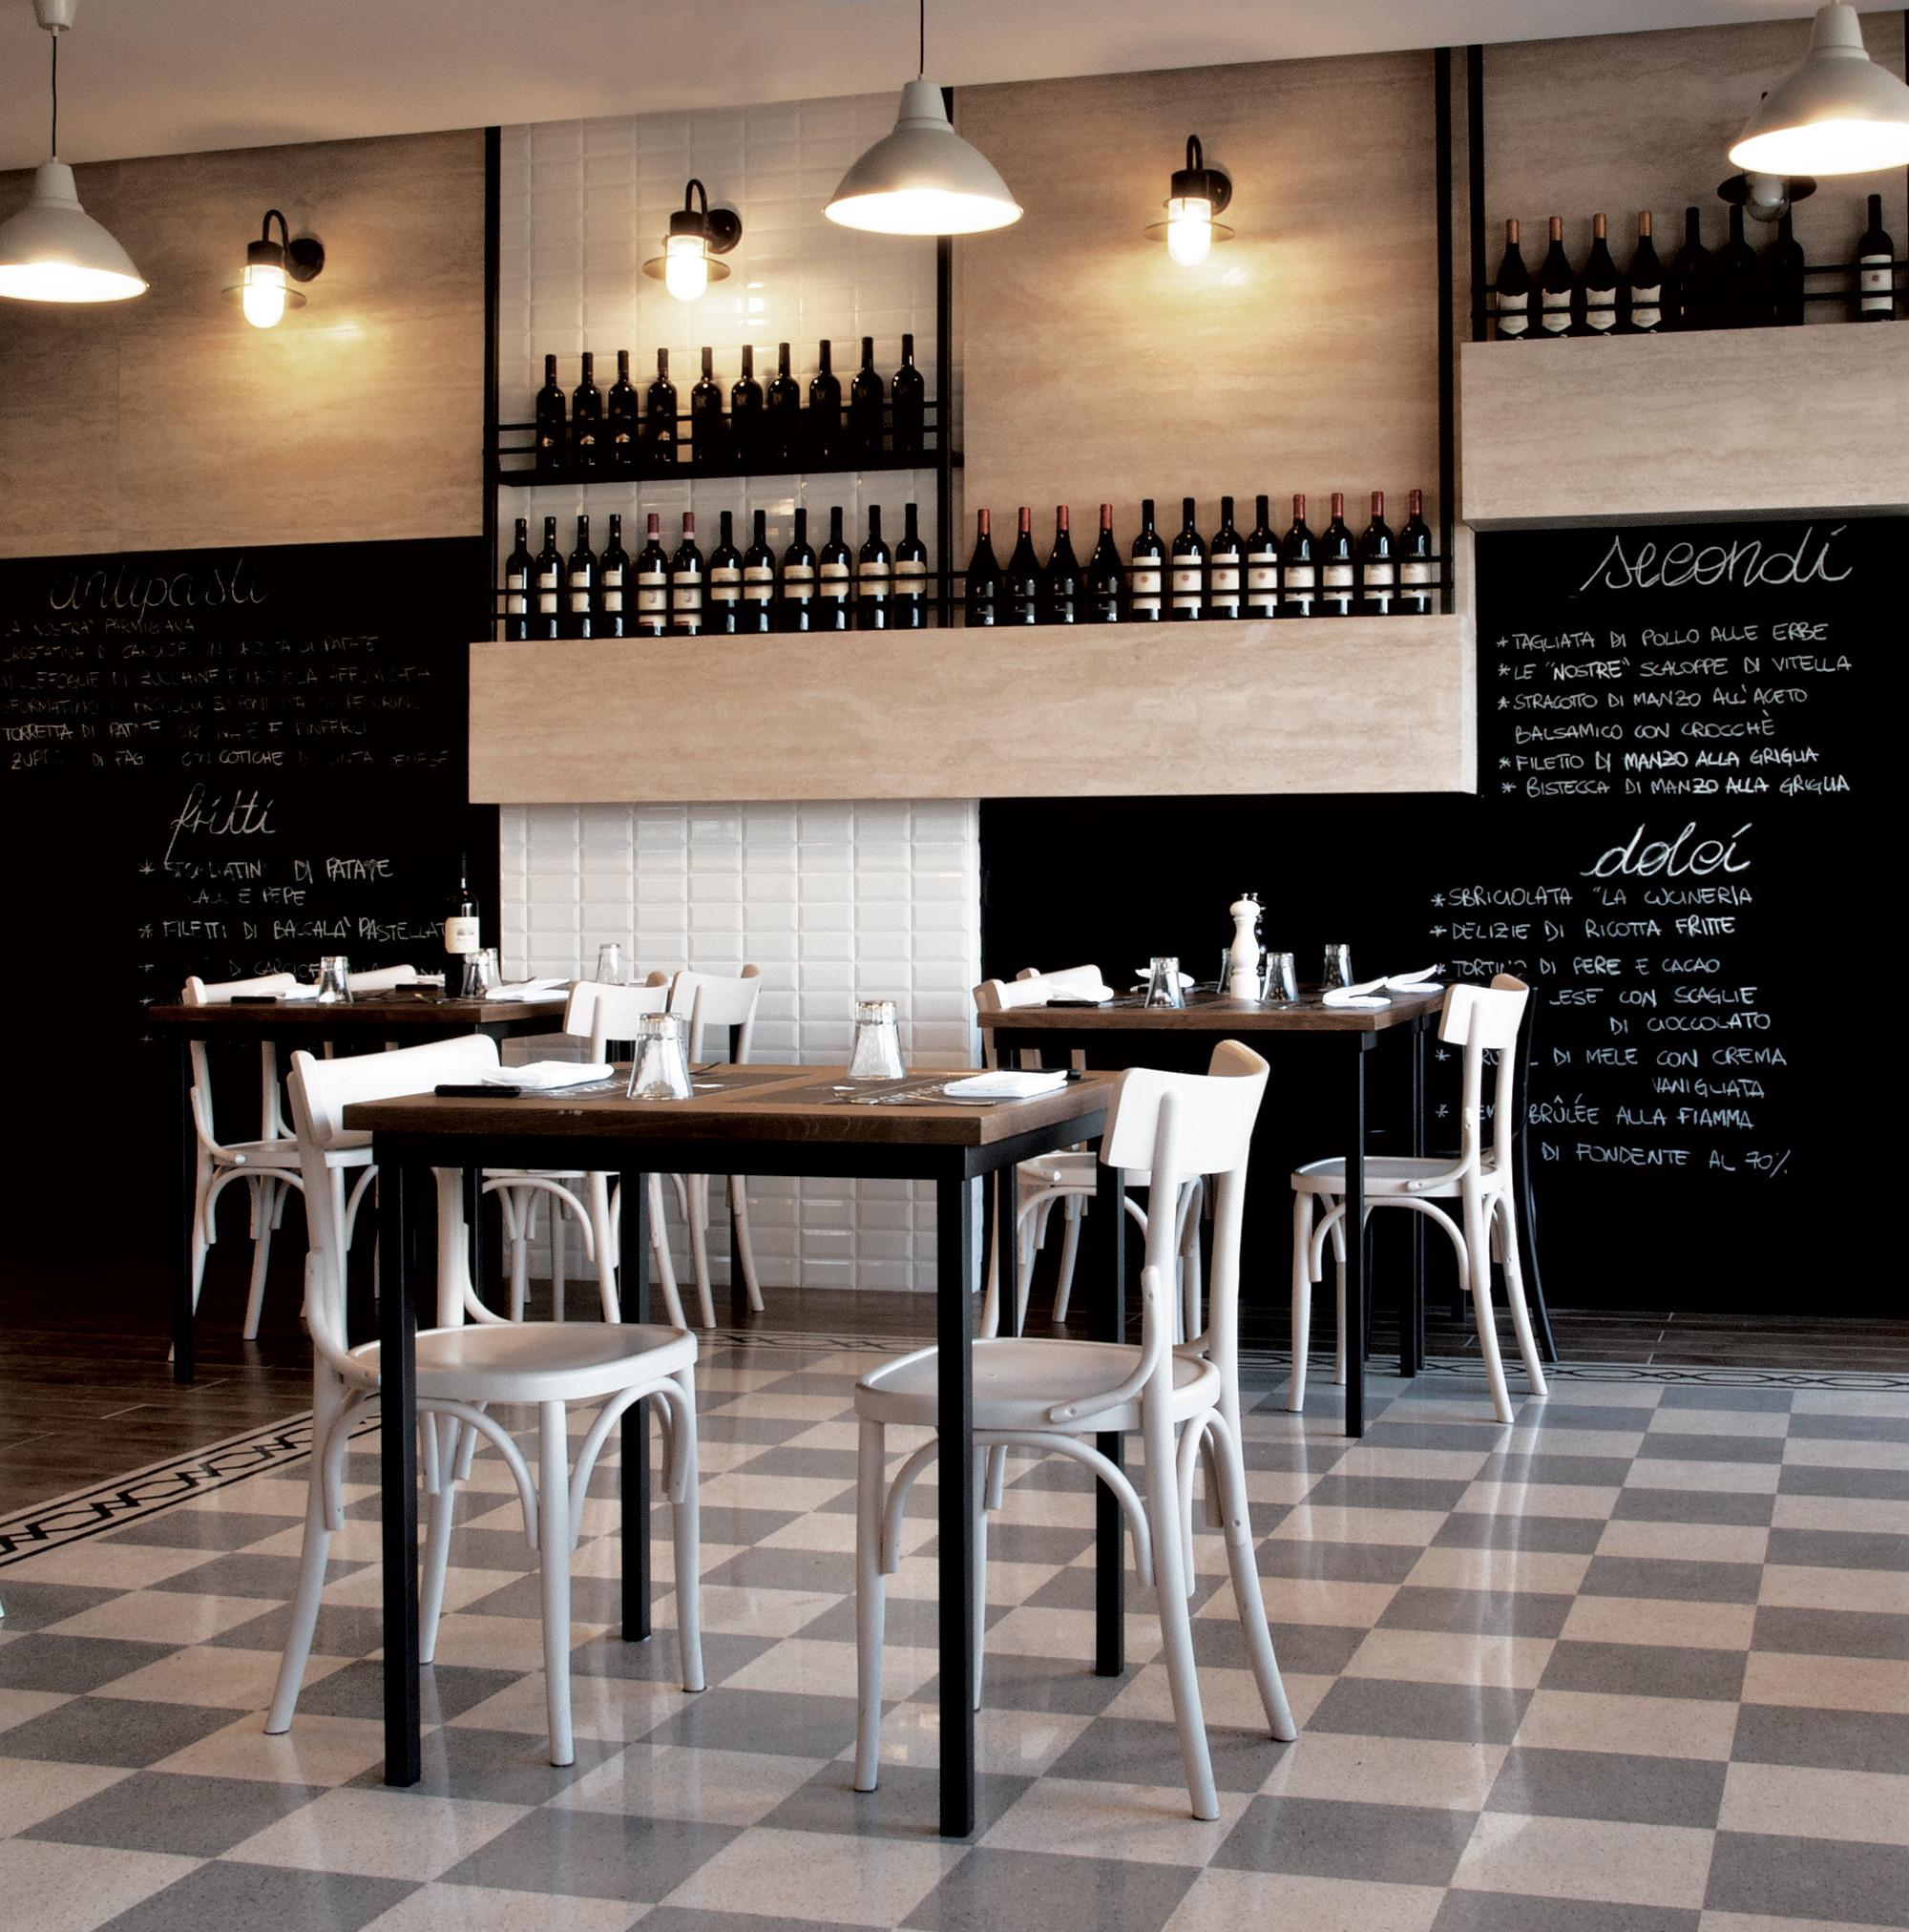 Gallery of la cucineria noses architects 8 - La cucineria roma ...